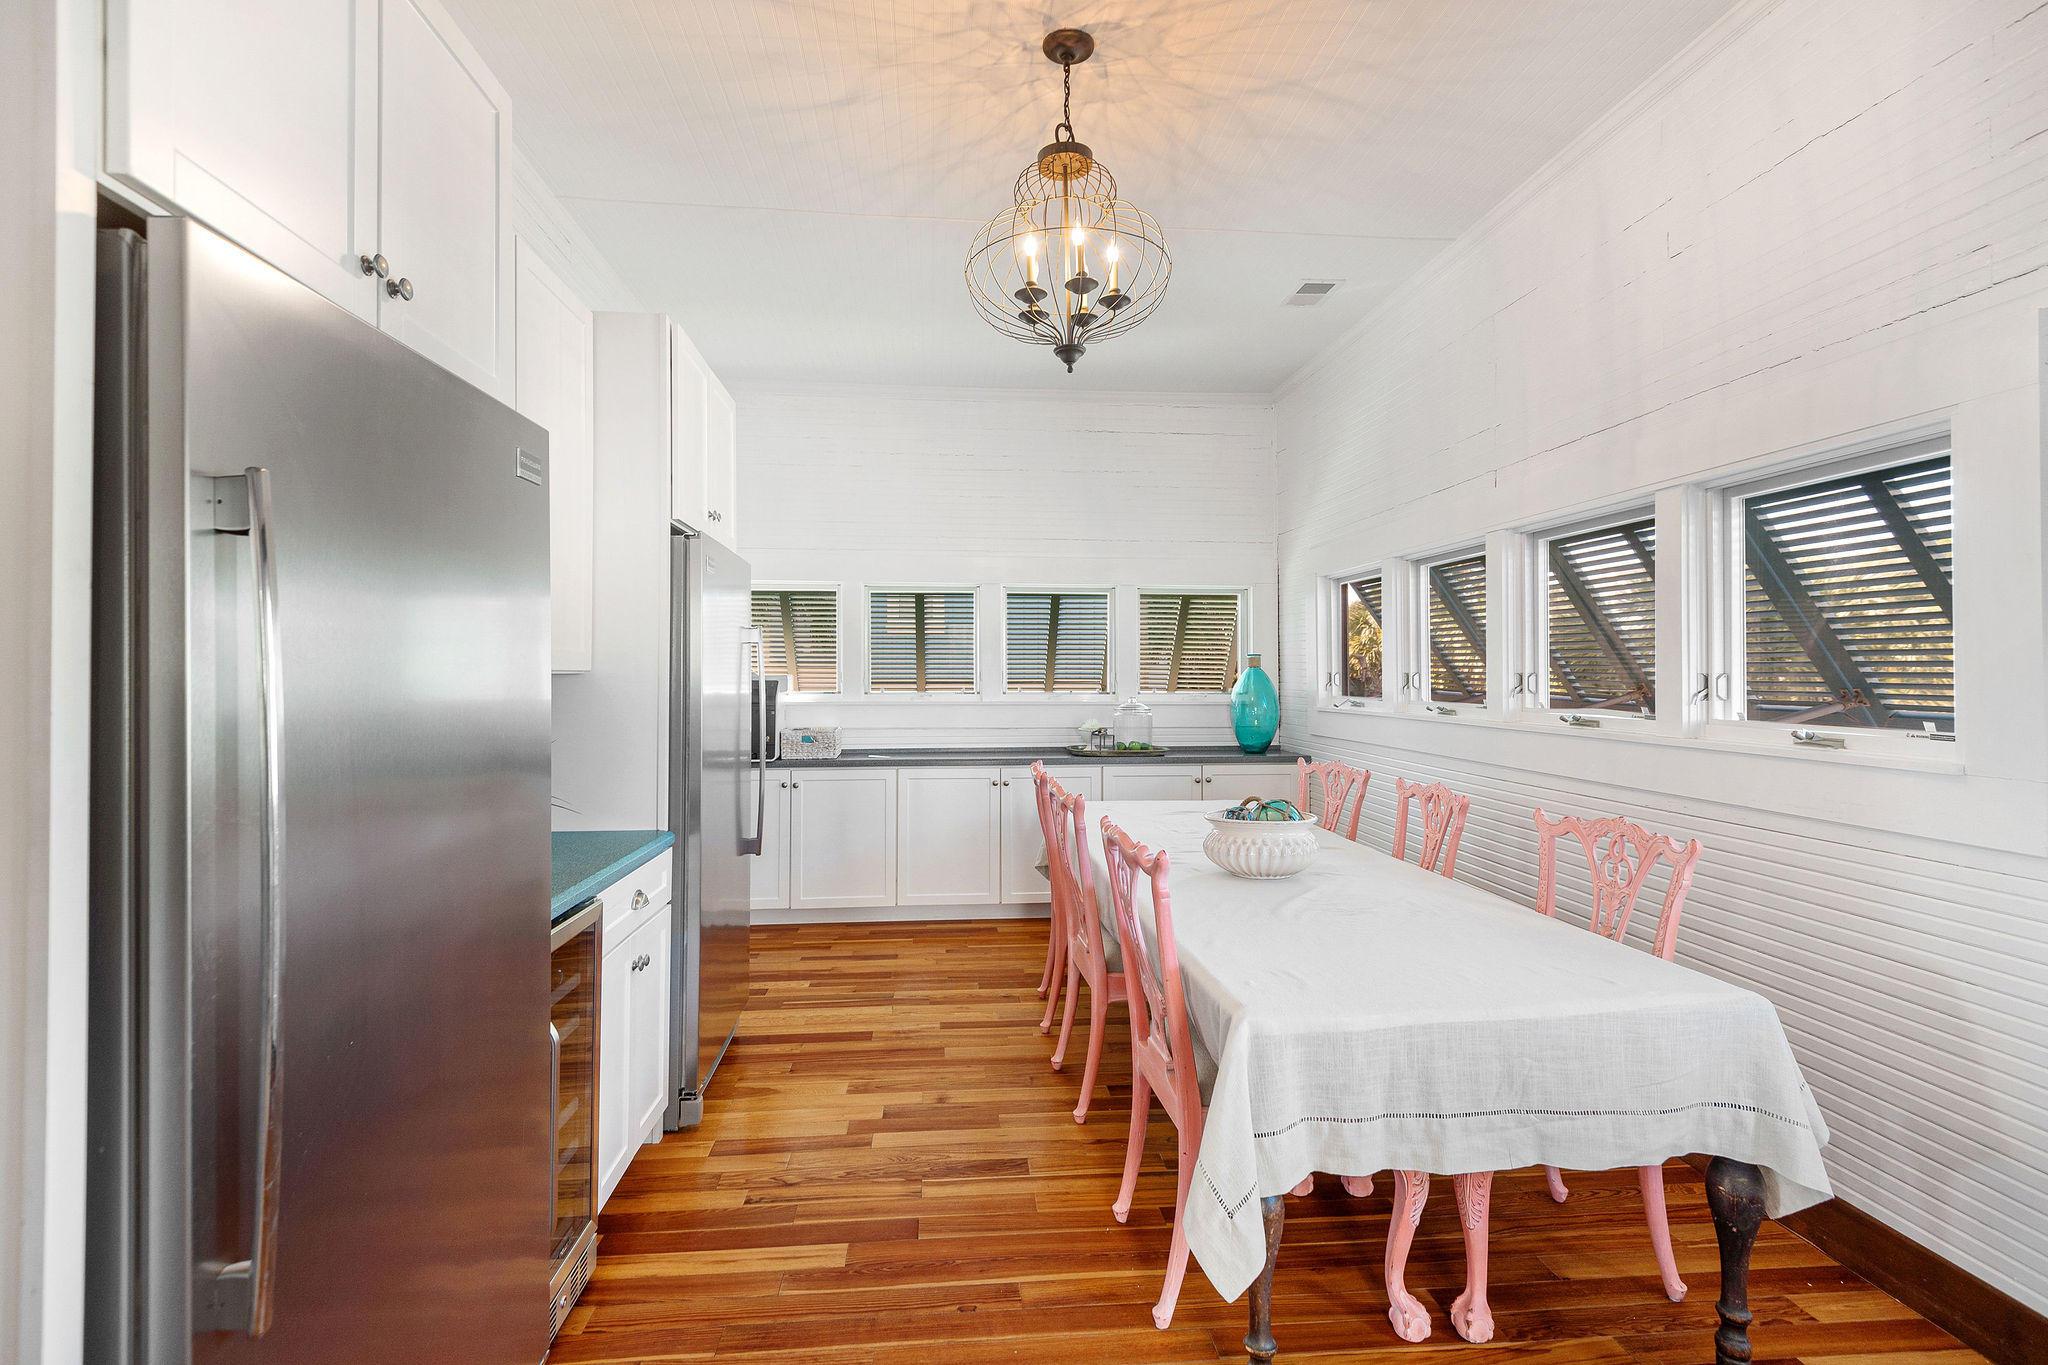 Folly Beach Homes For Sale - 509 Ashley, Folly Beach, SC - 20